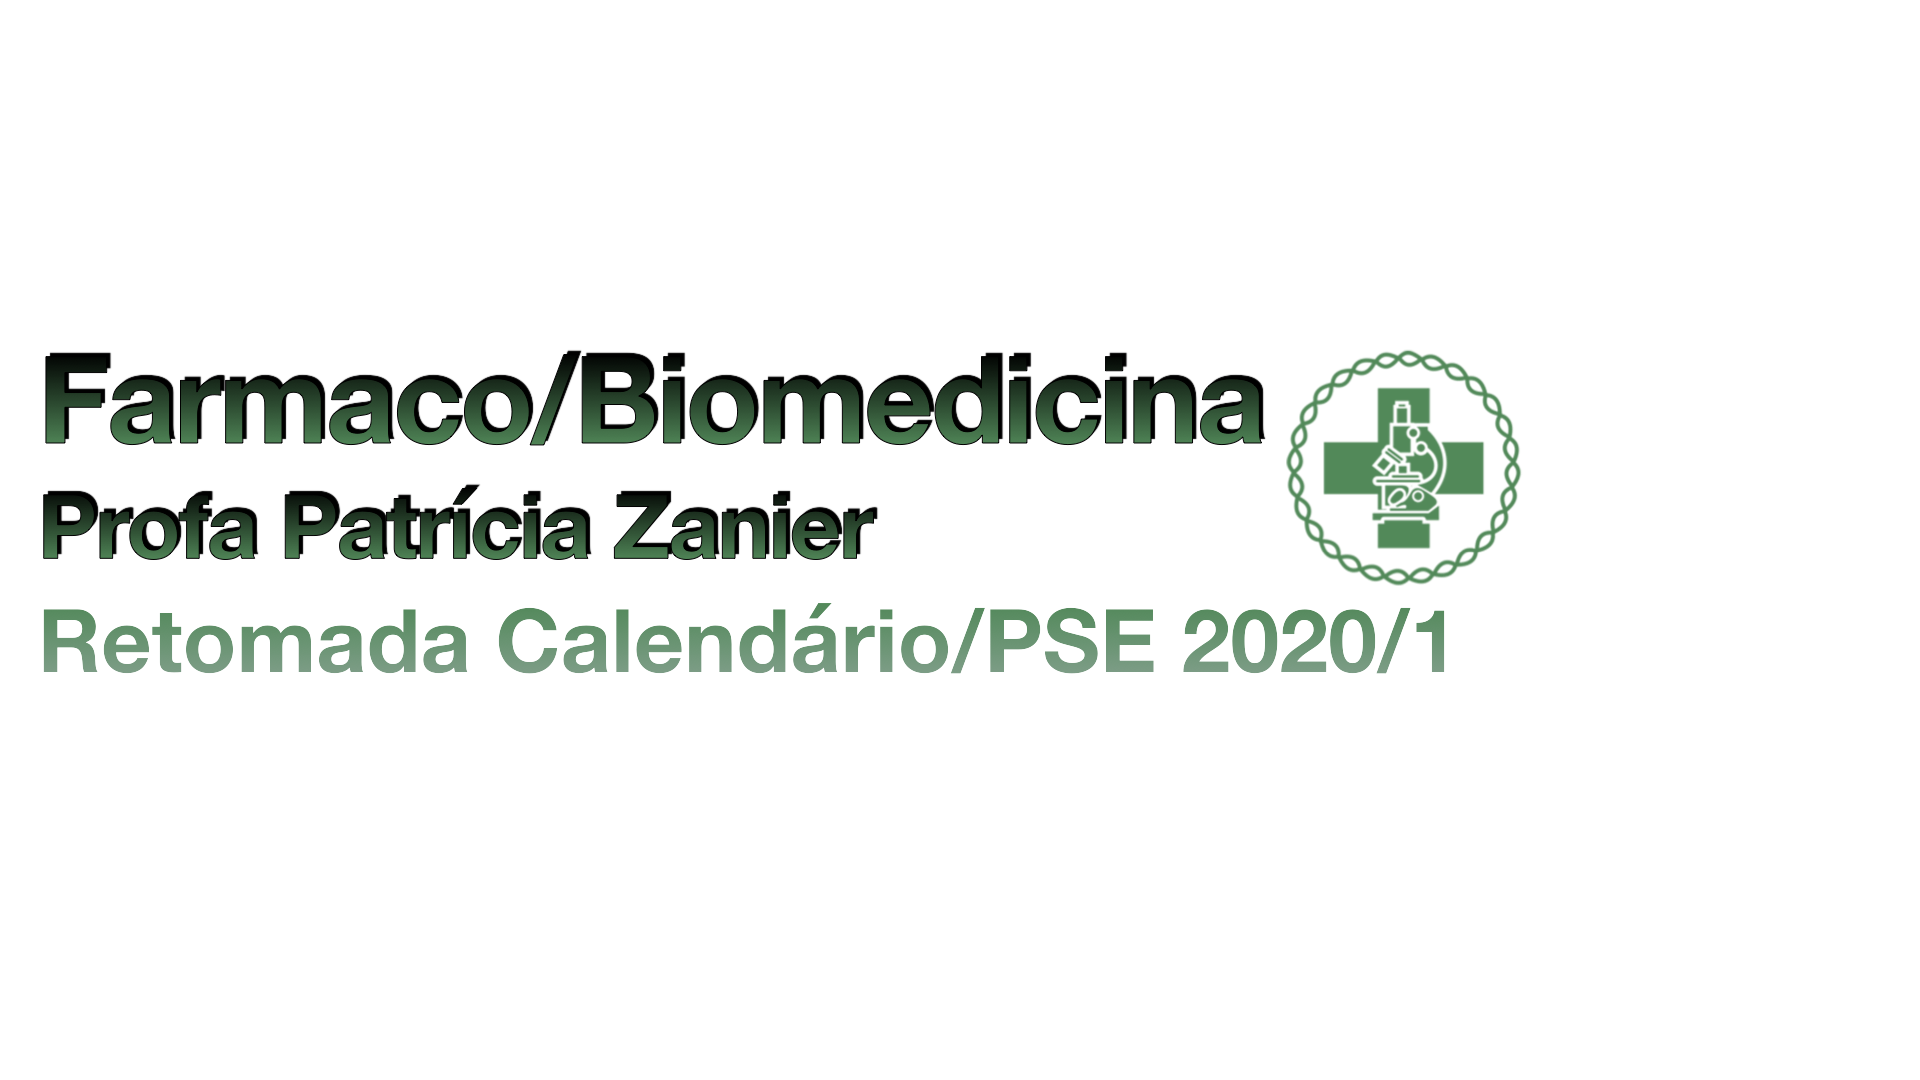 Biomedicina-Farm